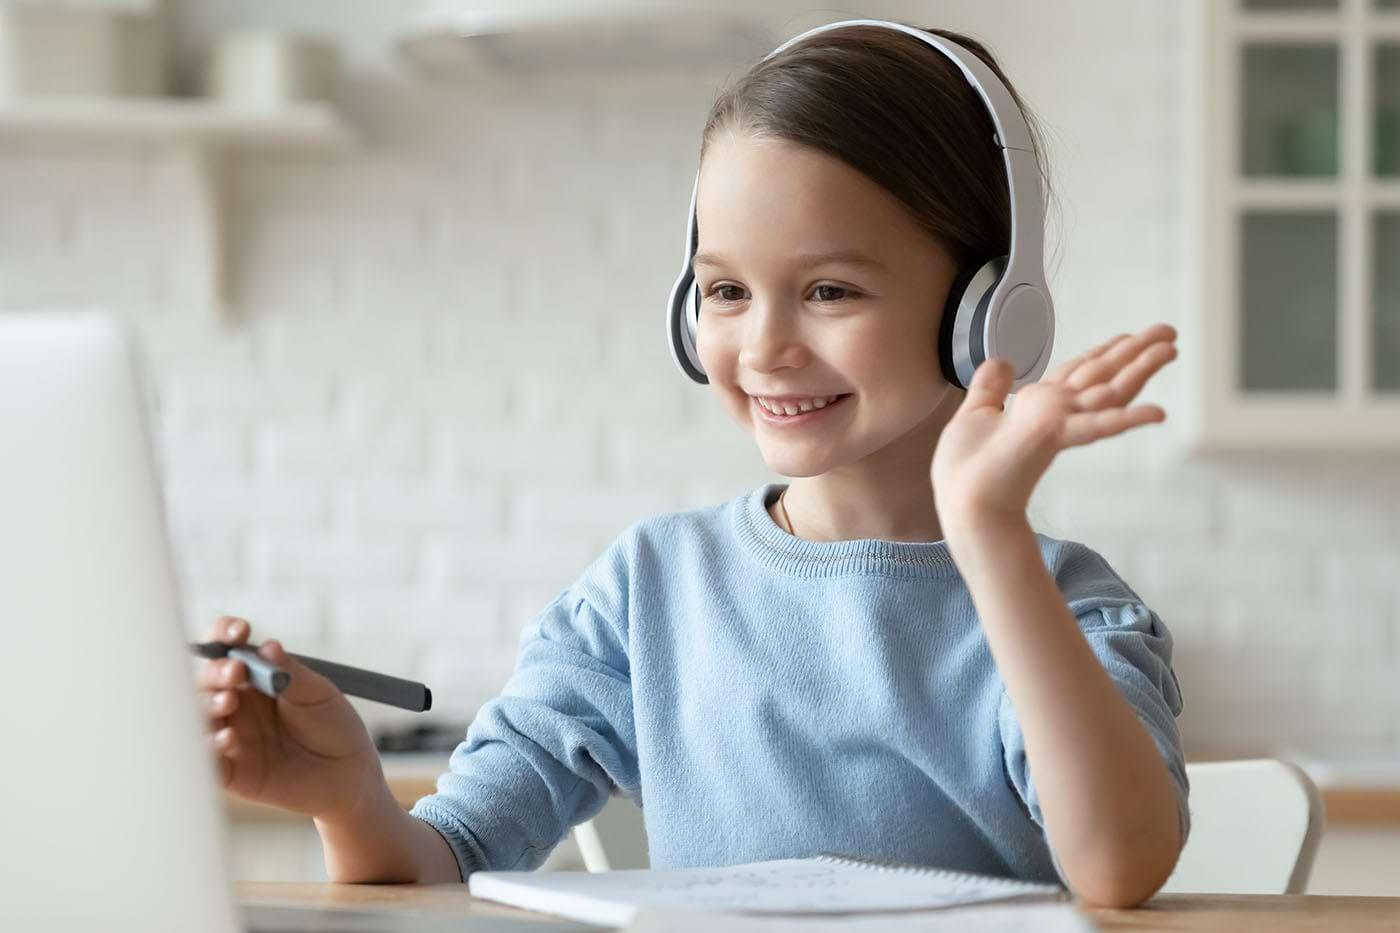 Terapia comportamentală online, eficientă pentru copii și adolescenți cu tulburare obsesiv-compulsivă